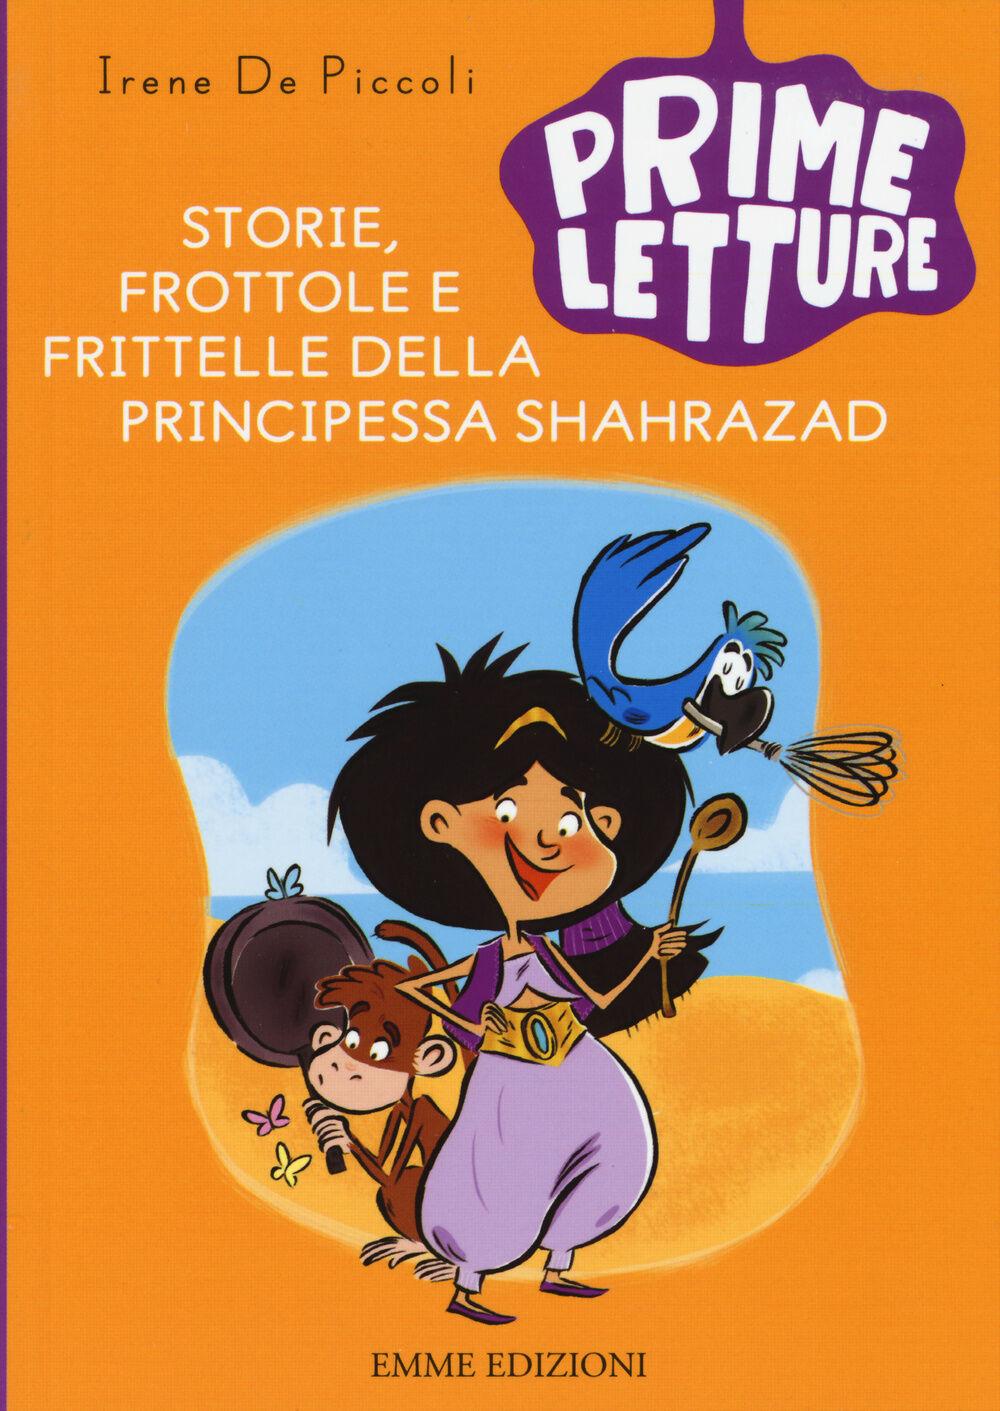 Storie, frottole e frittelle della principessa Sharazad